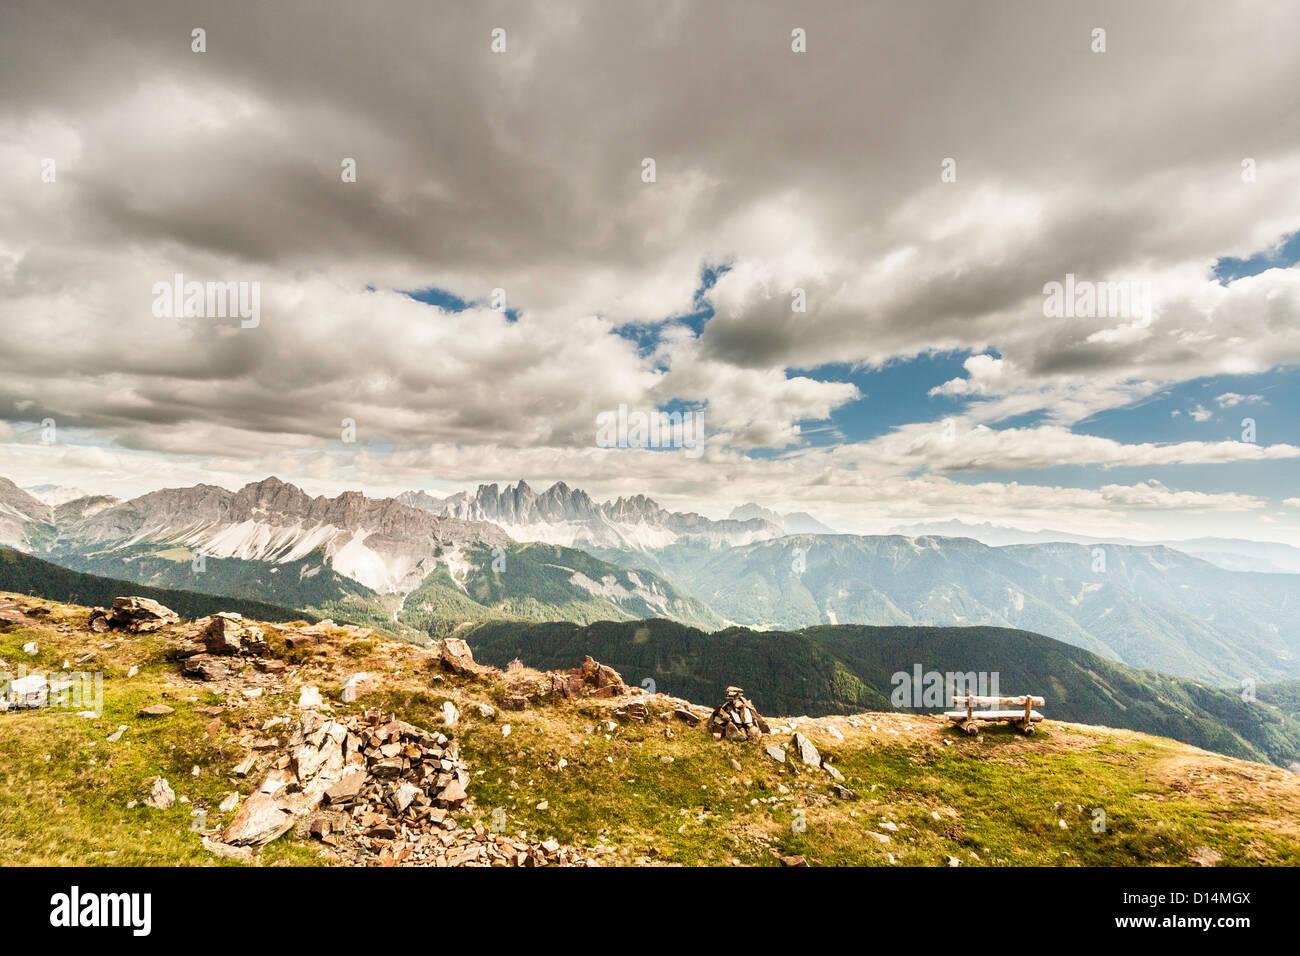 Nuvole sopra erboso paesaggio rurale Immagini Stock